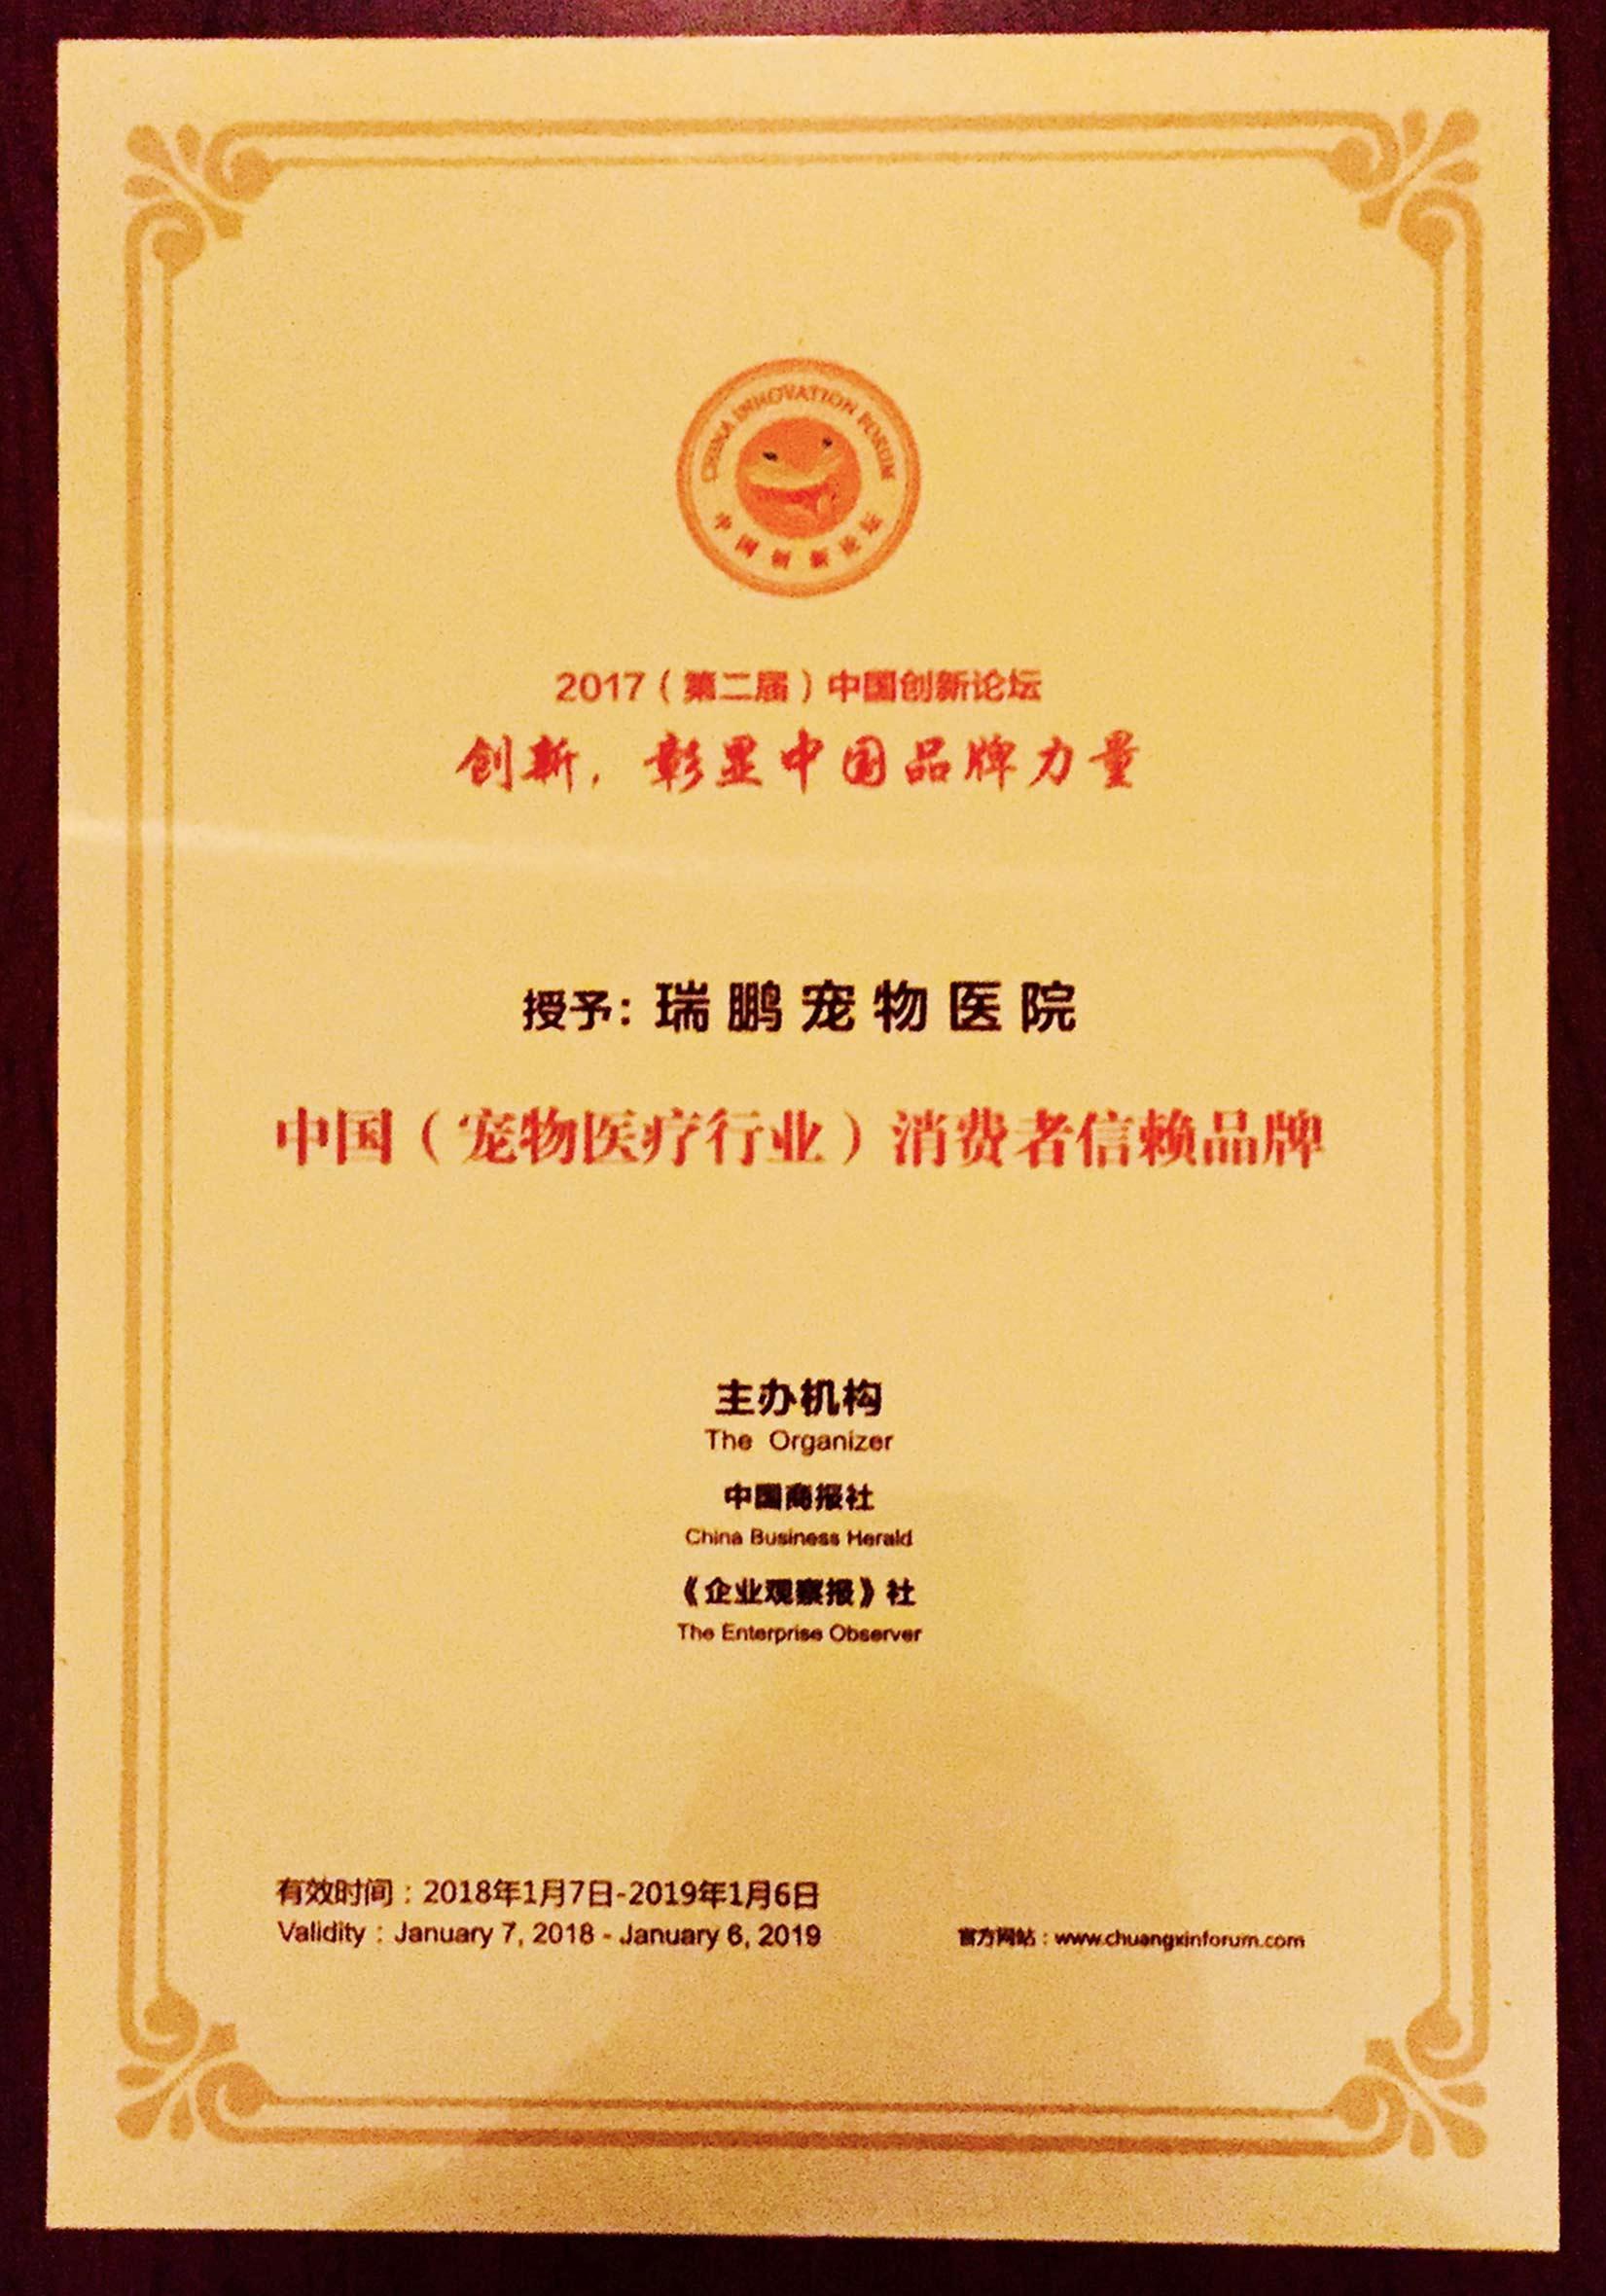 瑞鹏宠物医院荣获中国创新论坛两项大奖图片